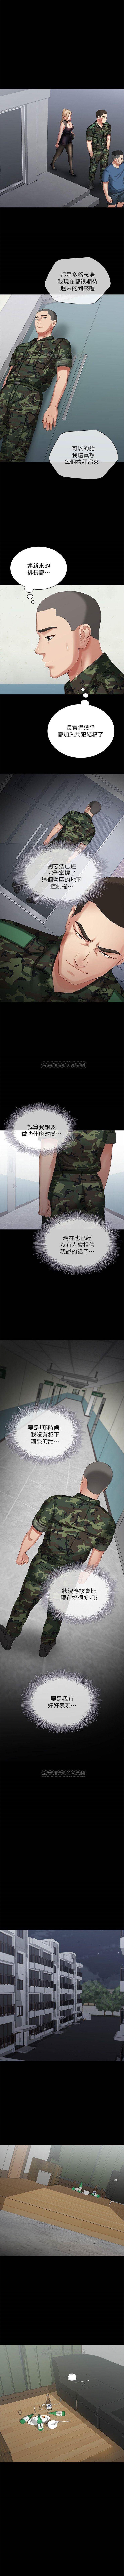 (週6)妹妹的義務 1-19 中文翻譯(更新中) 91